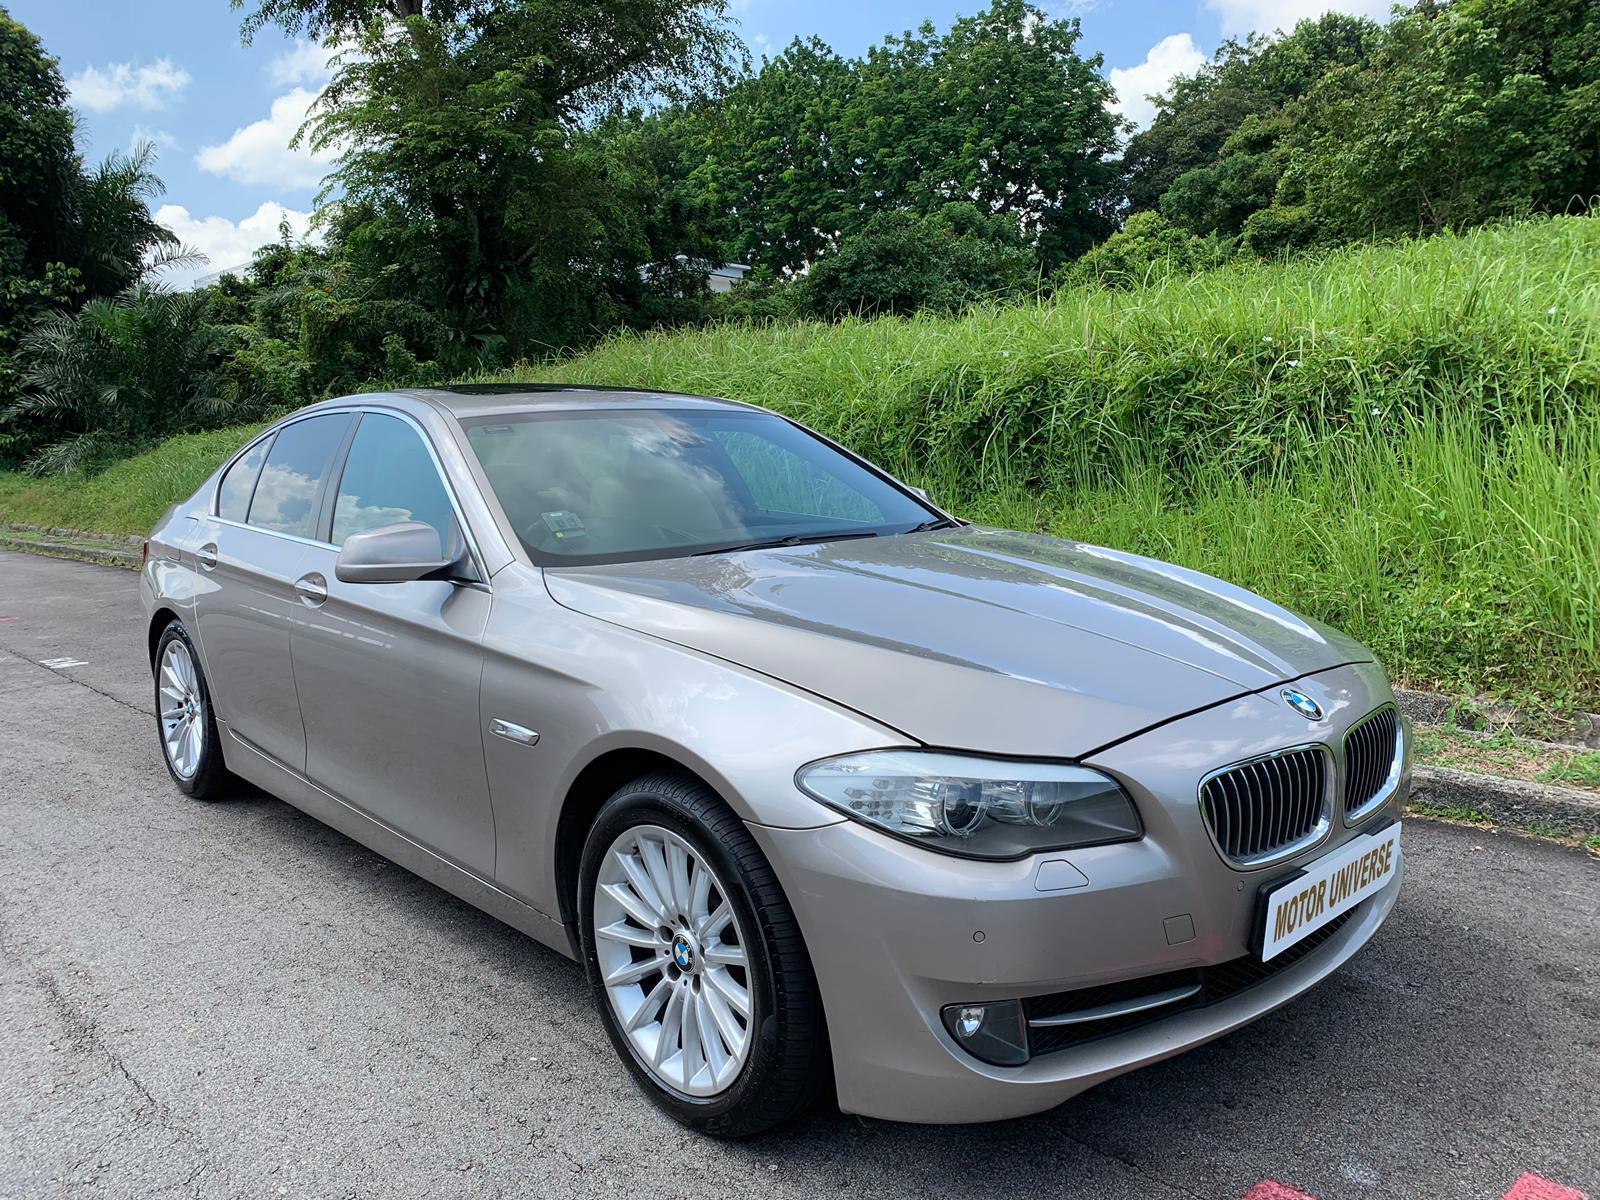 BMW 535i 3.0 Sedan Auto